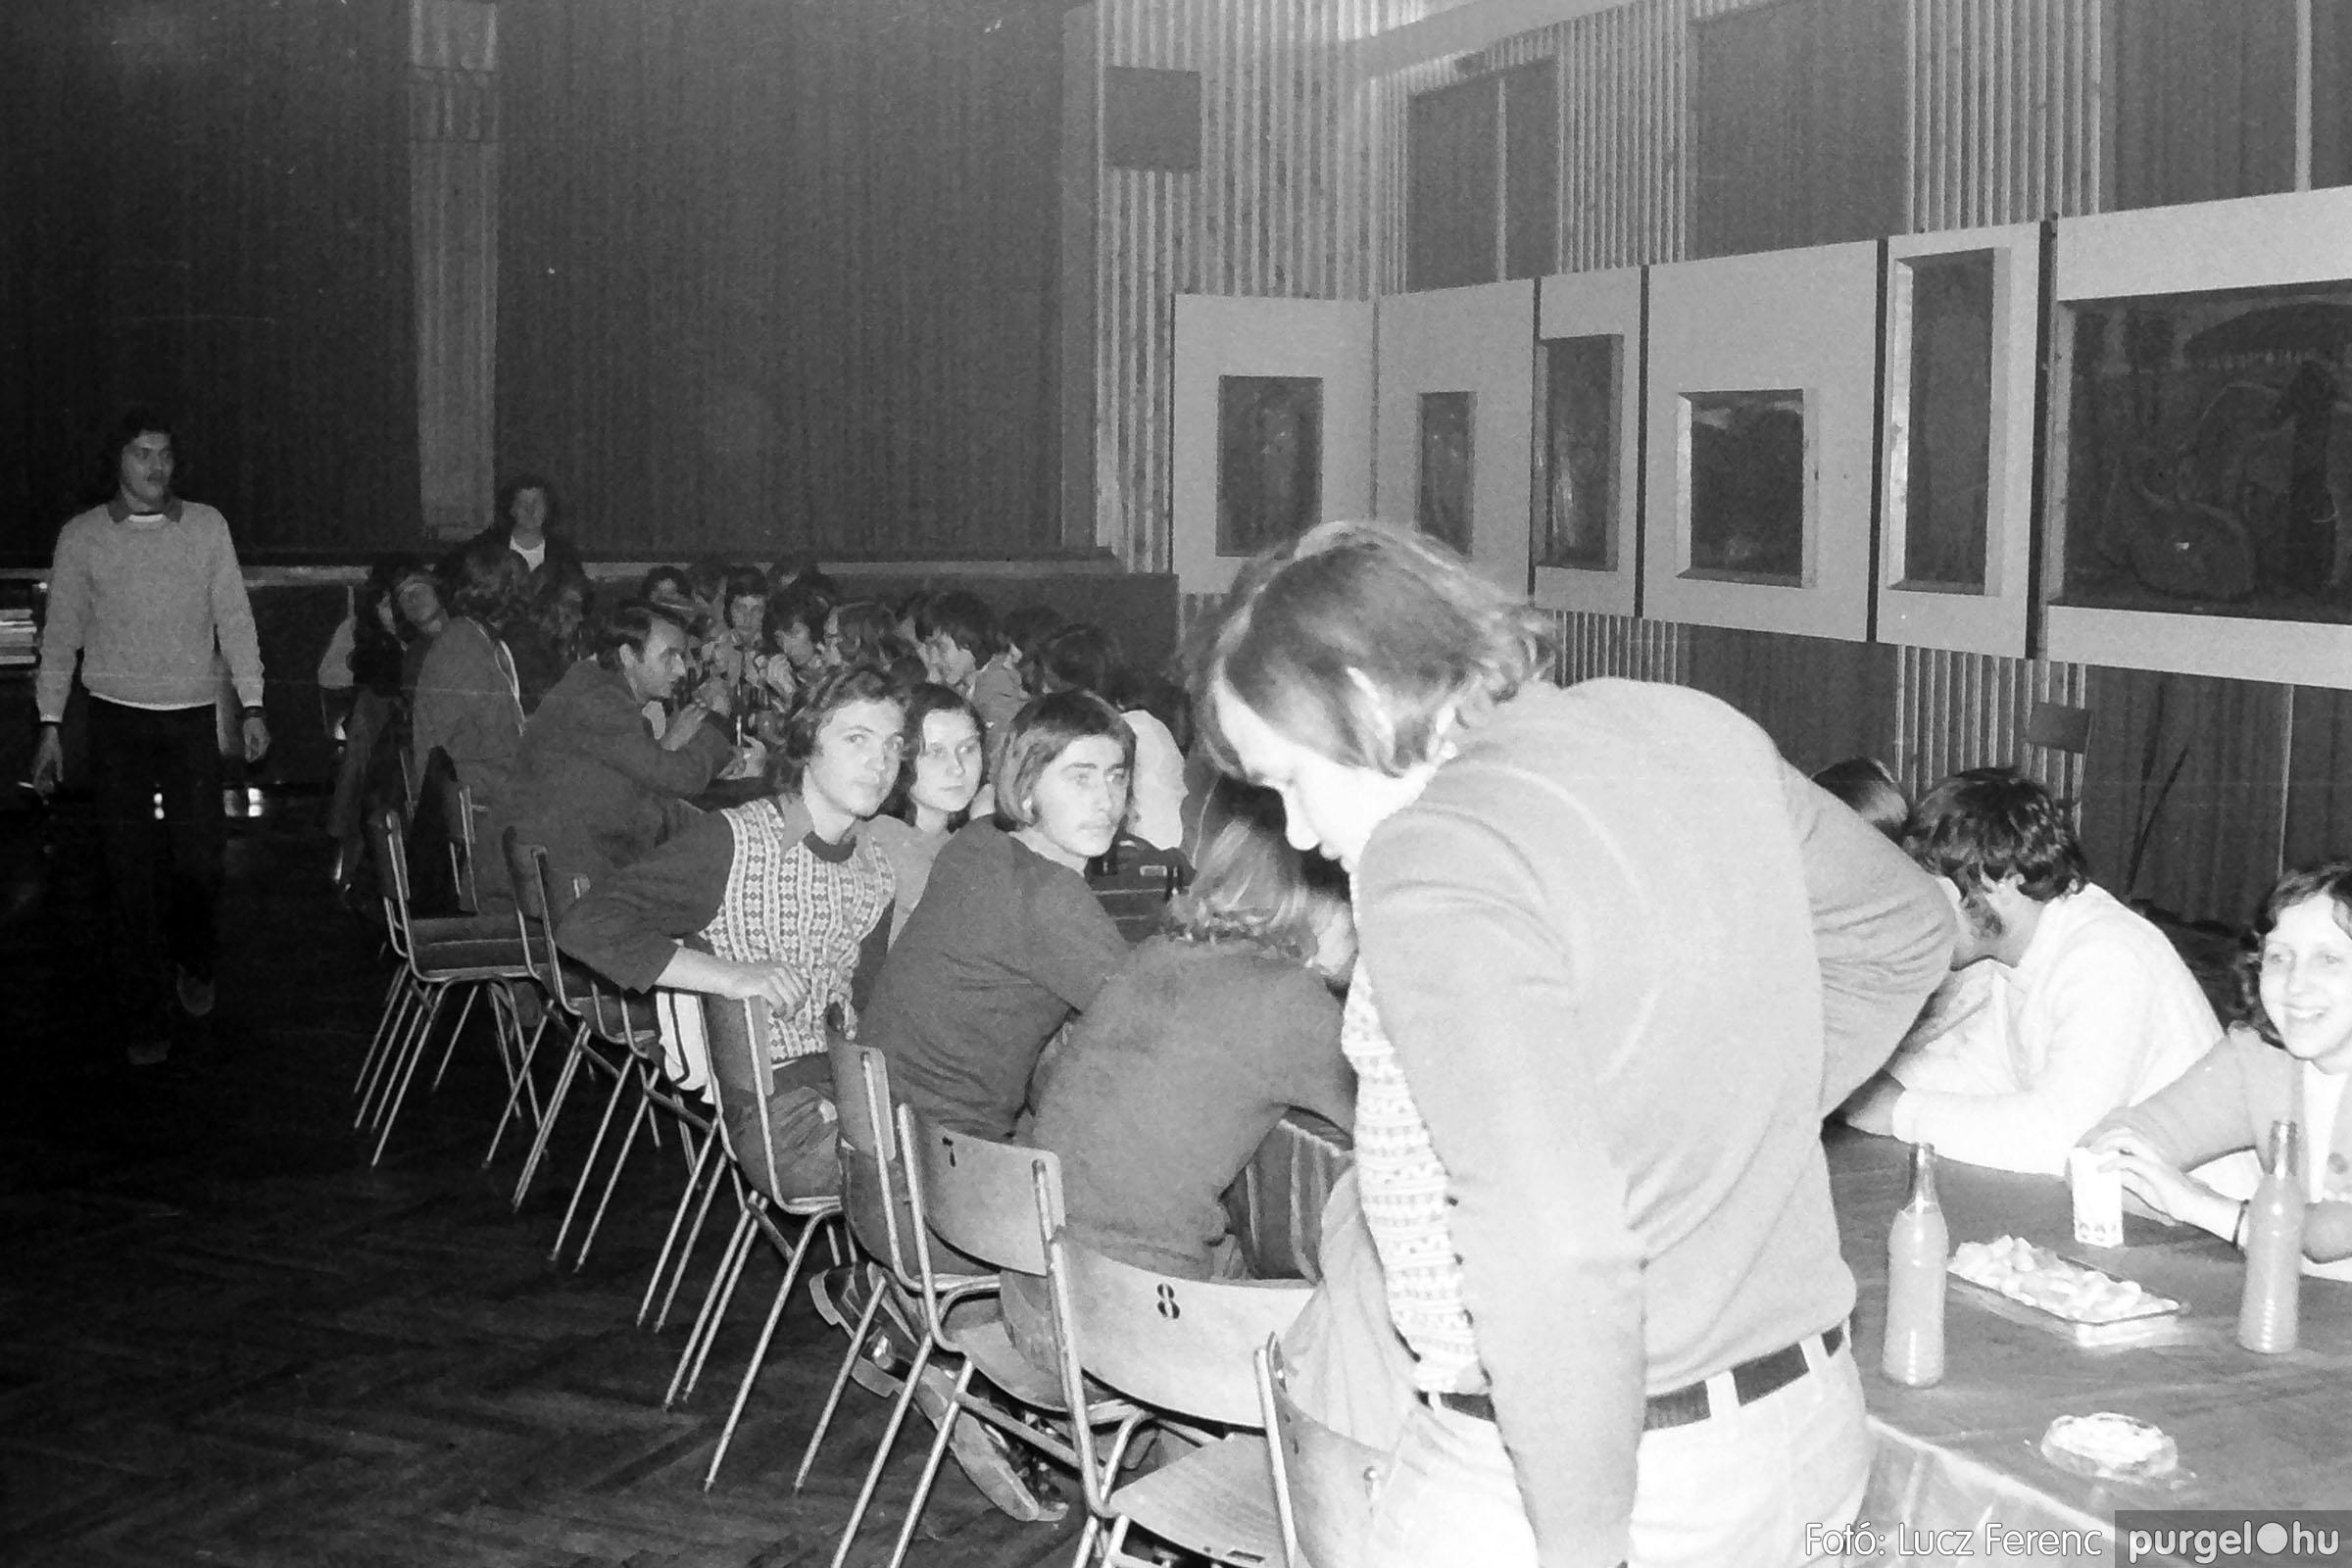 024 1975.10. Németh József és Szalay Ferenc festőművészek kiállítása 025 - Fotó: Lucz Ferenc IMG00226q.jpg